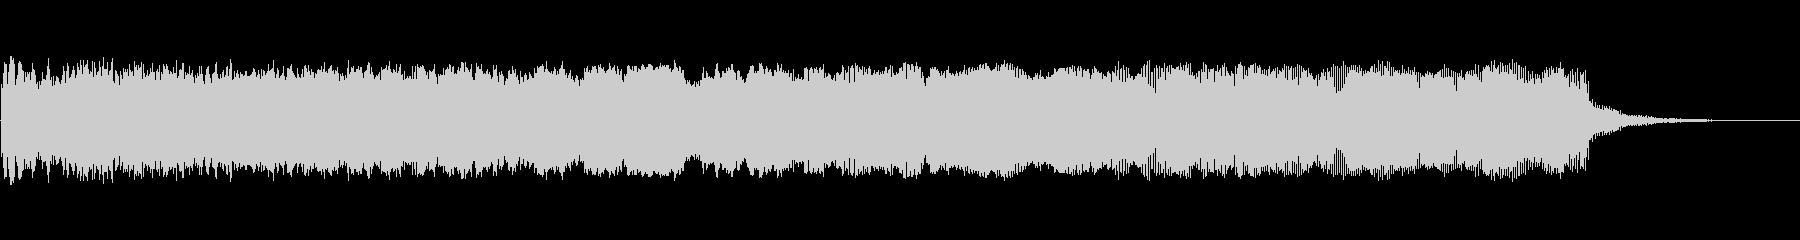 ピューン落ちる下降する/とても長い音2の未再生の波形